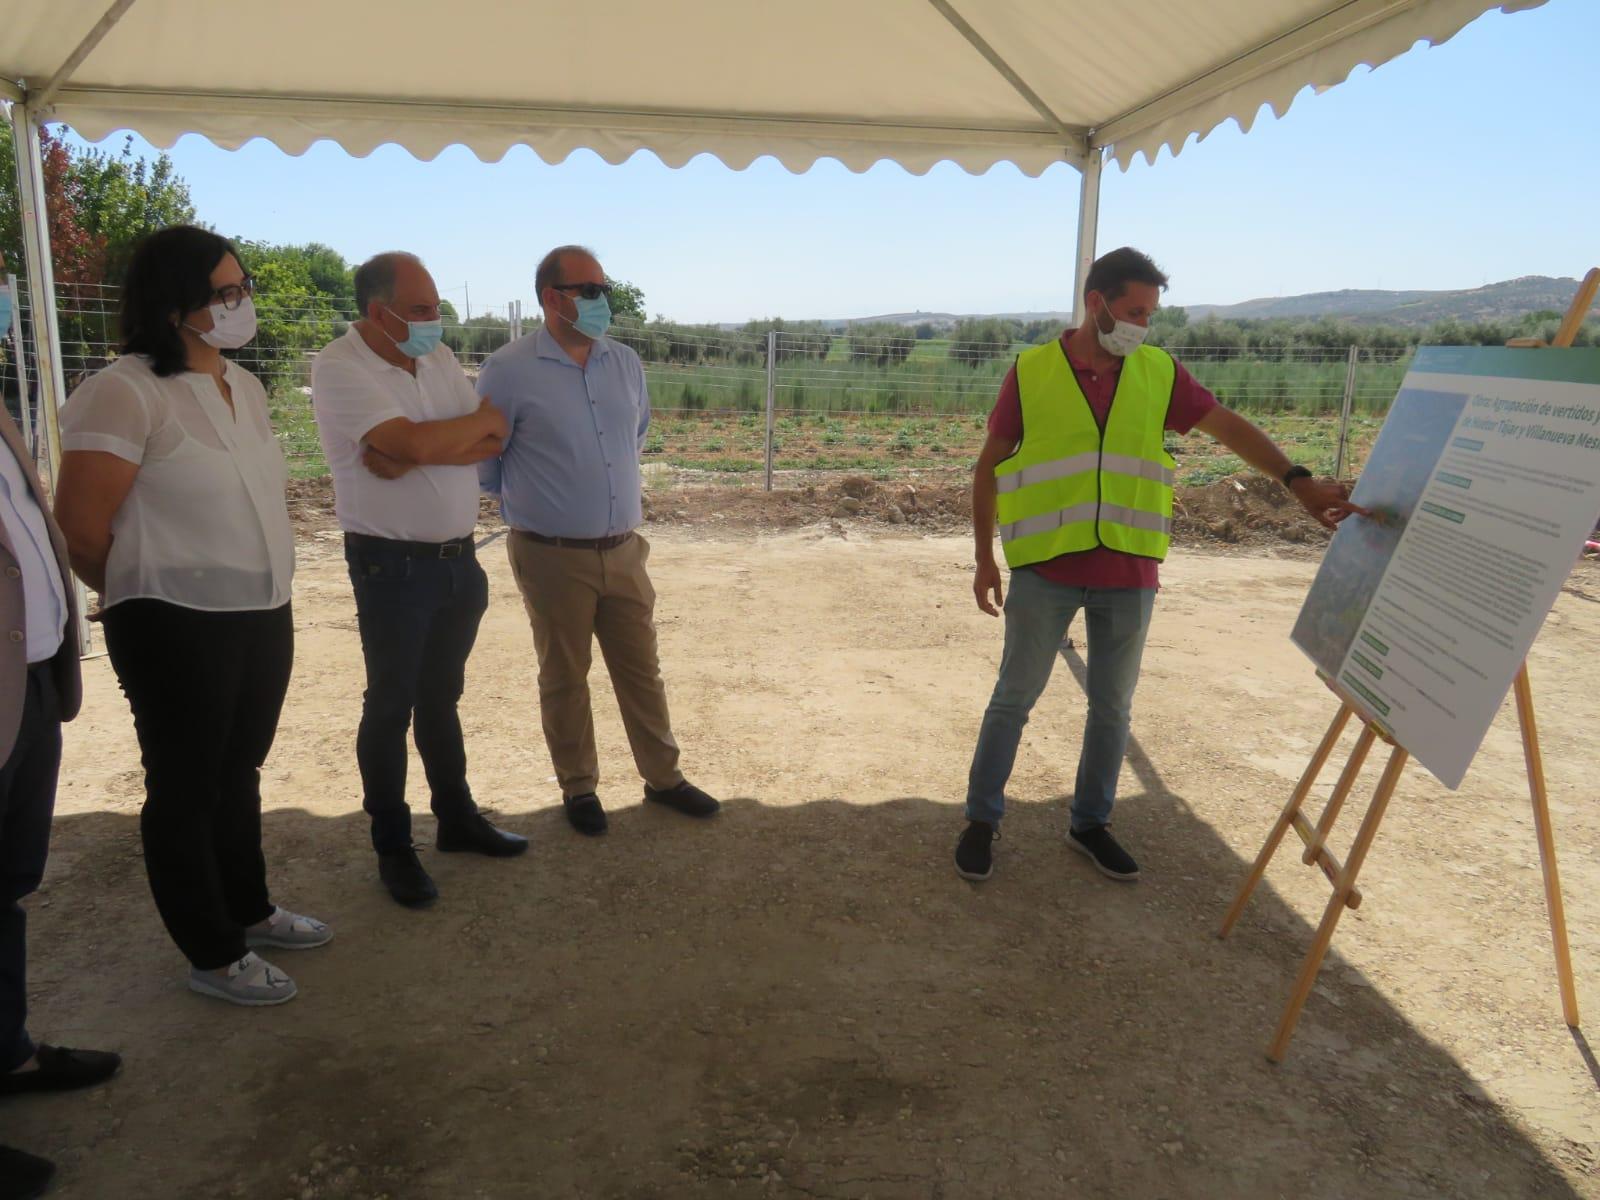 Comienzan las obras de la Agrupación de Vertidos y EDAR de Huétor Tájar con una inversión de más de 5 millones